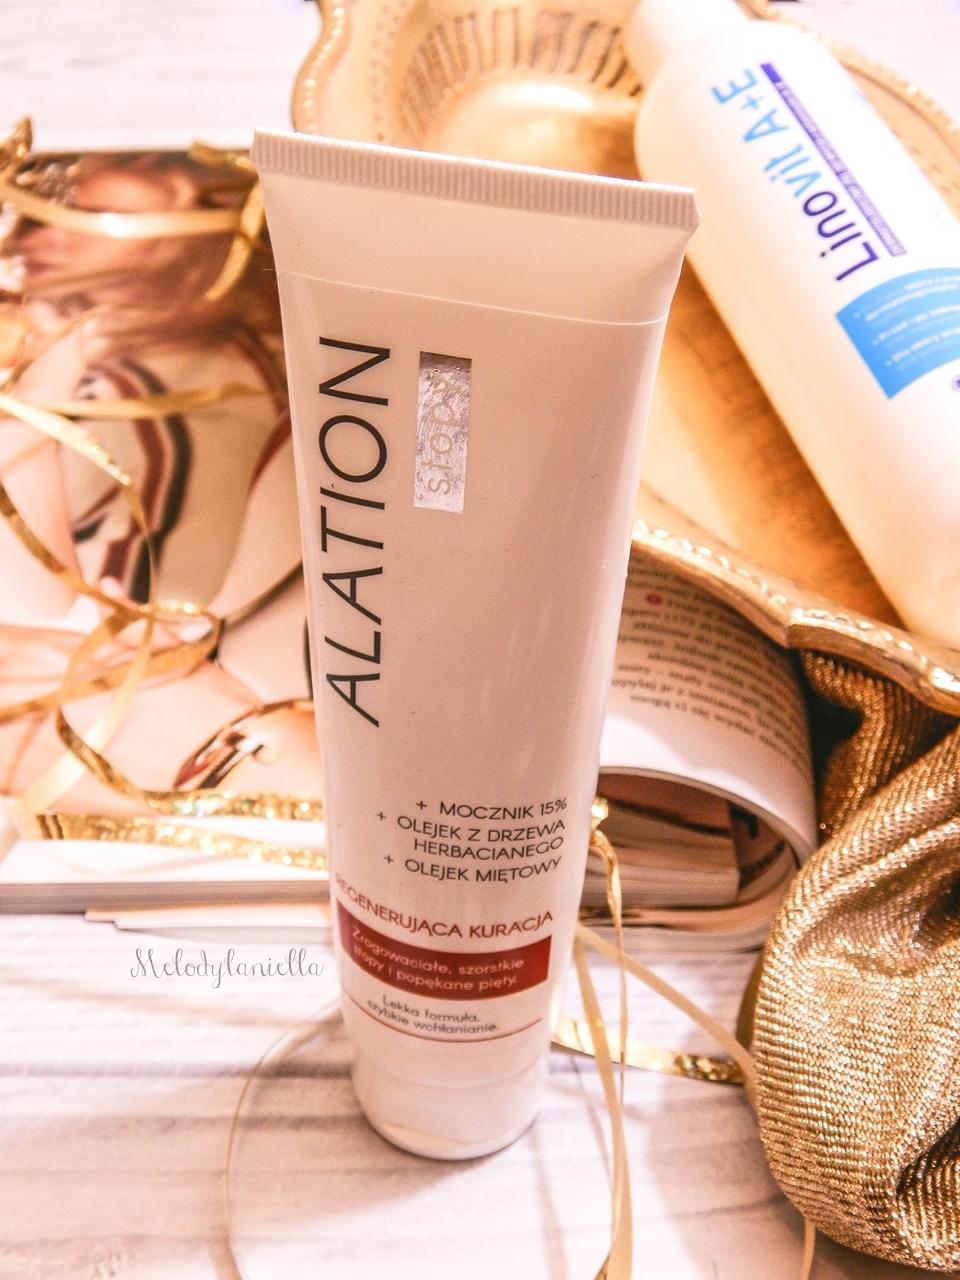 6 ziołolek Linovit a + e dermatologiczny żel do mycia z witaminami  recenzja opinia działanie krem do stóp schodząca skóra zrogowaniała skóra popękane pięty